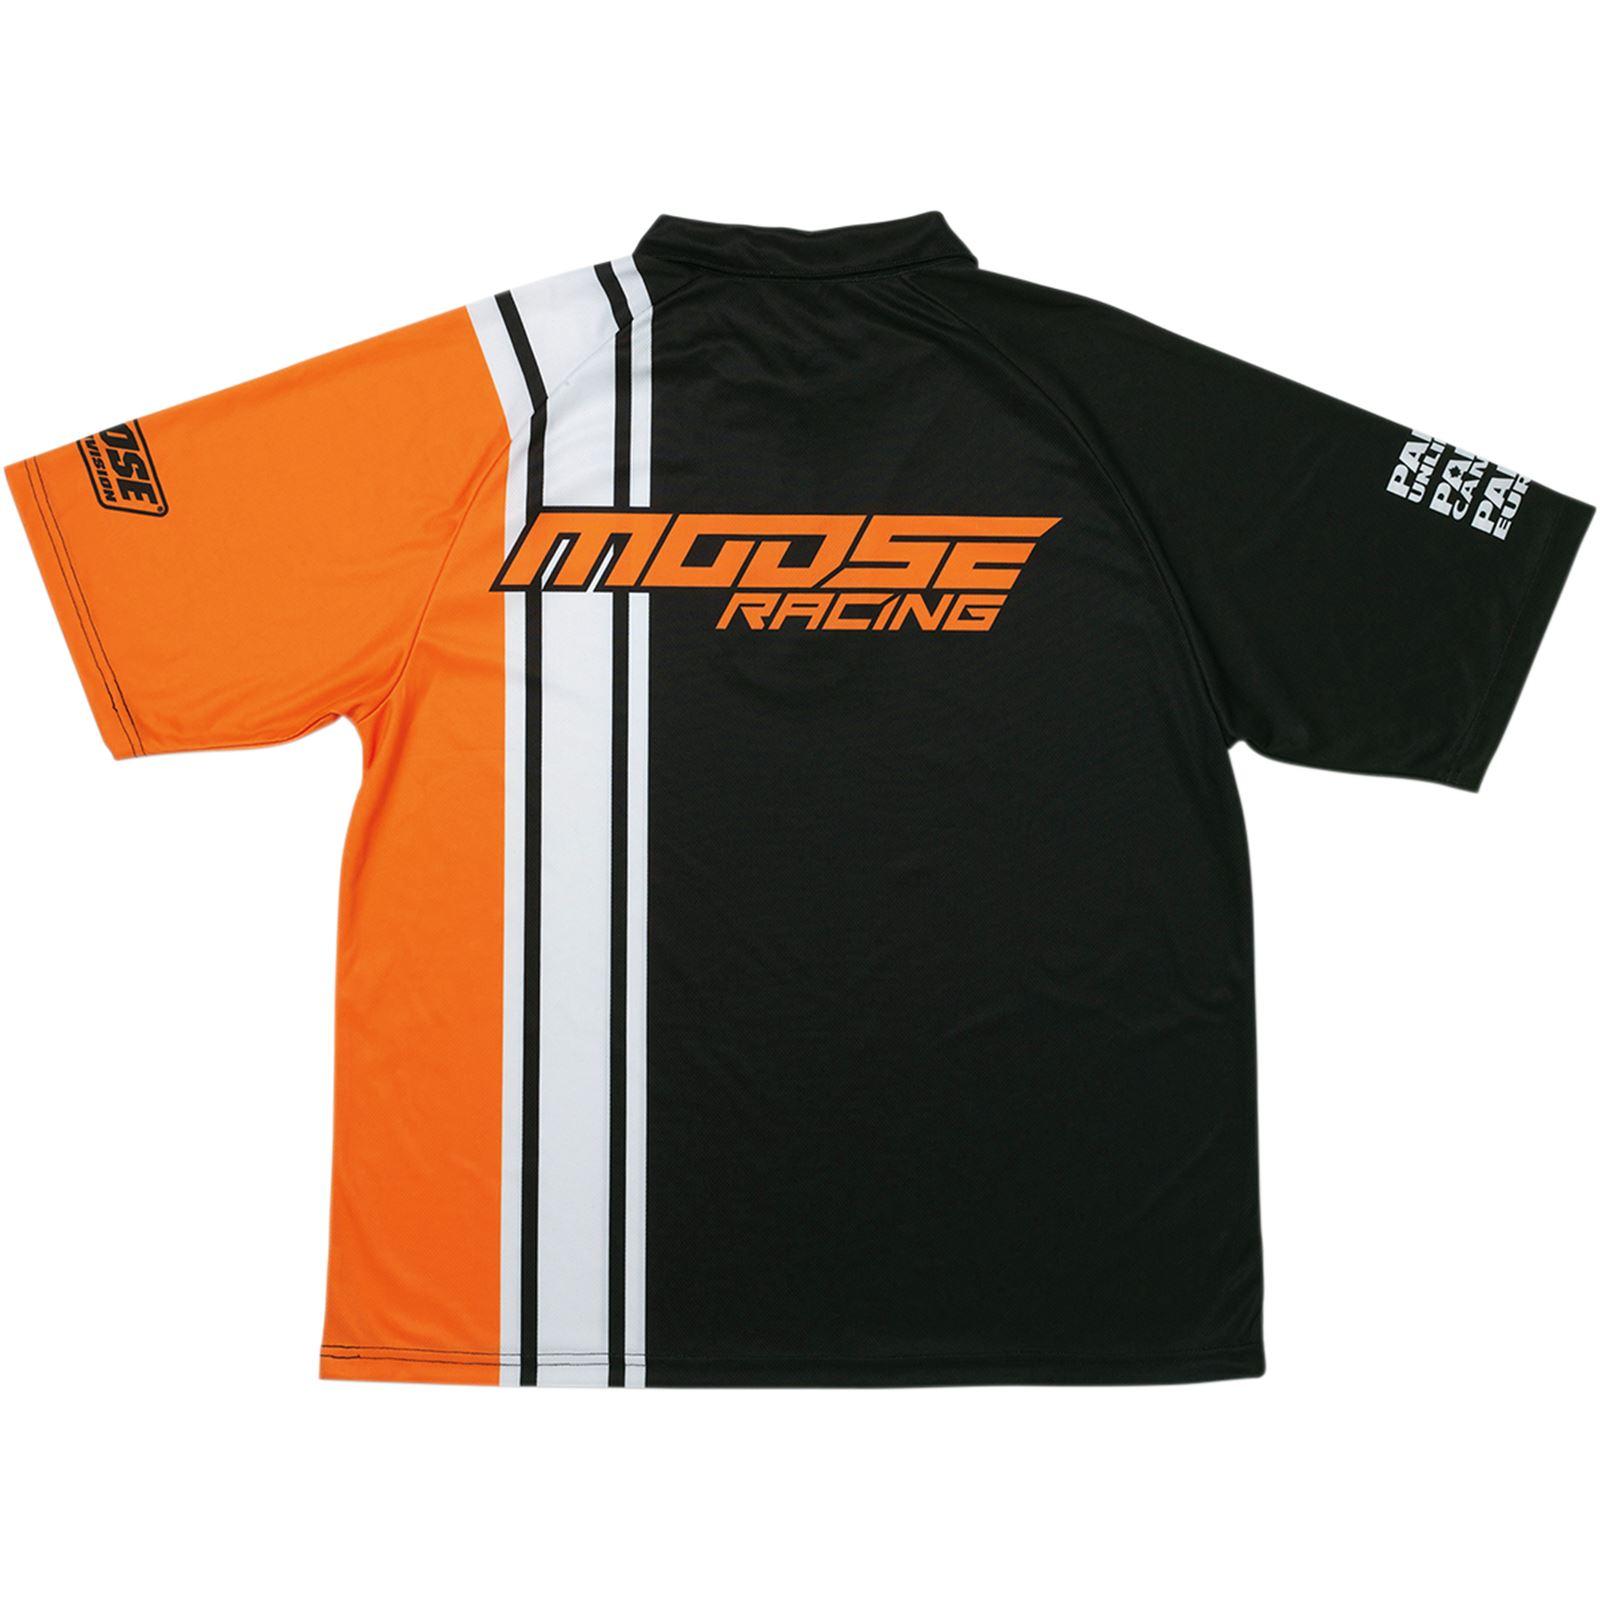 Moose Racing Pit Shirt - Black/Orange/White -  XL